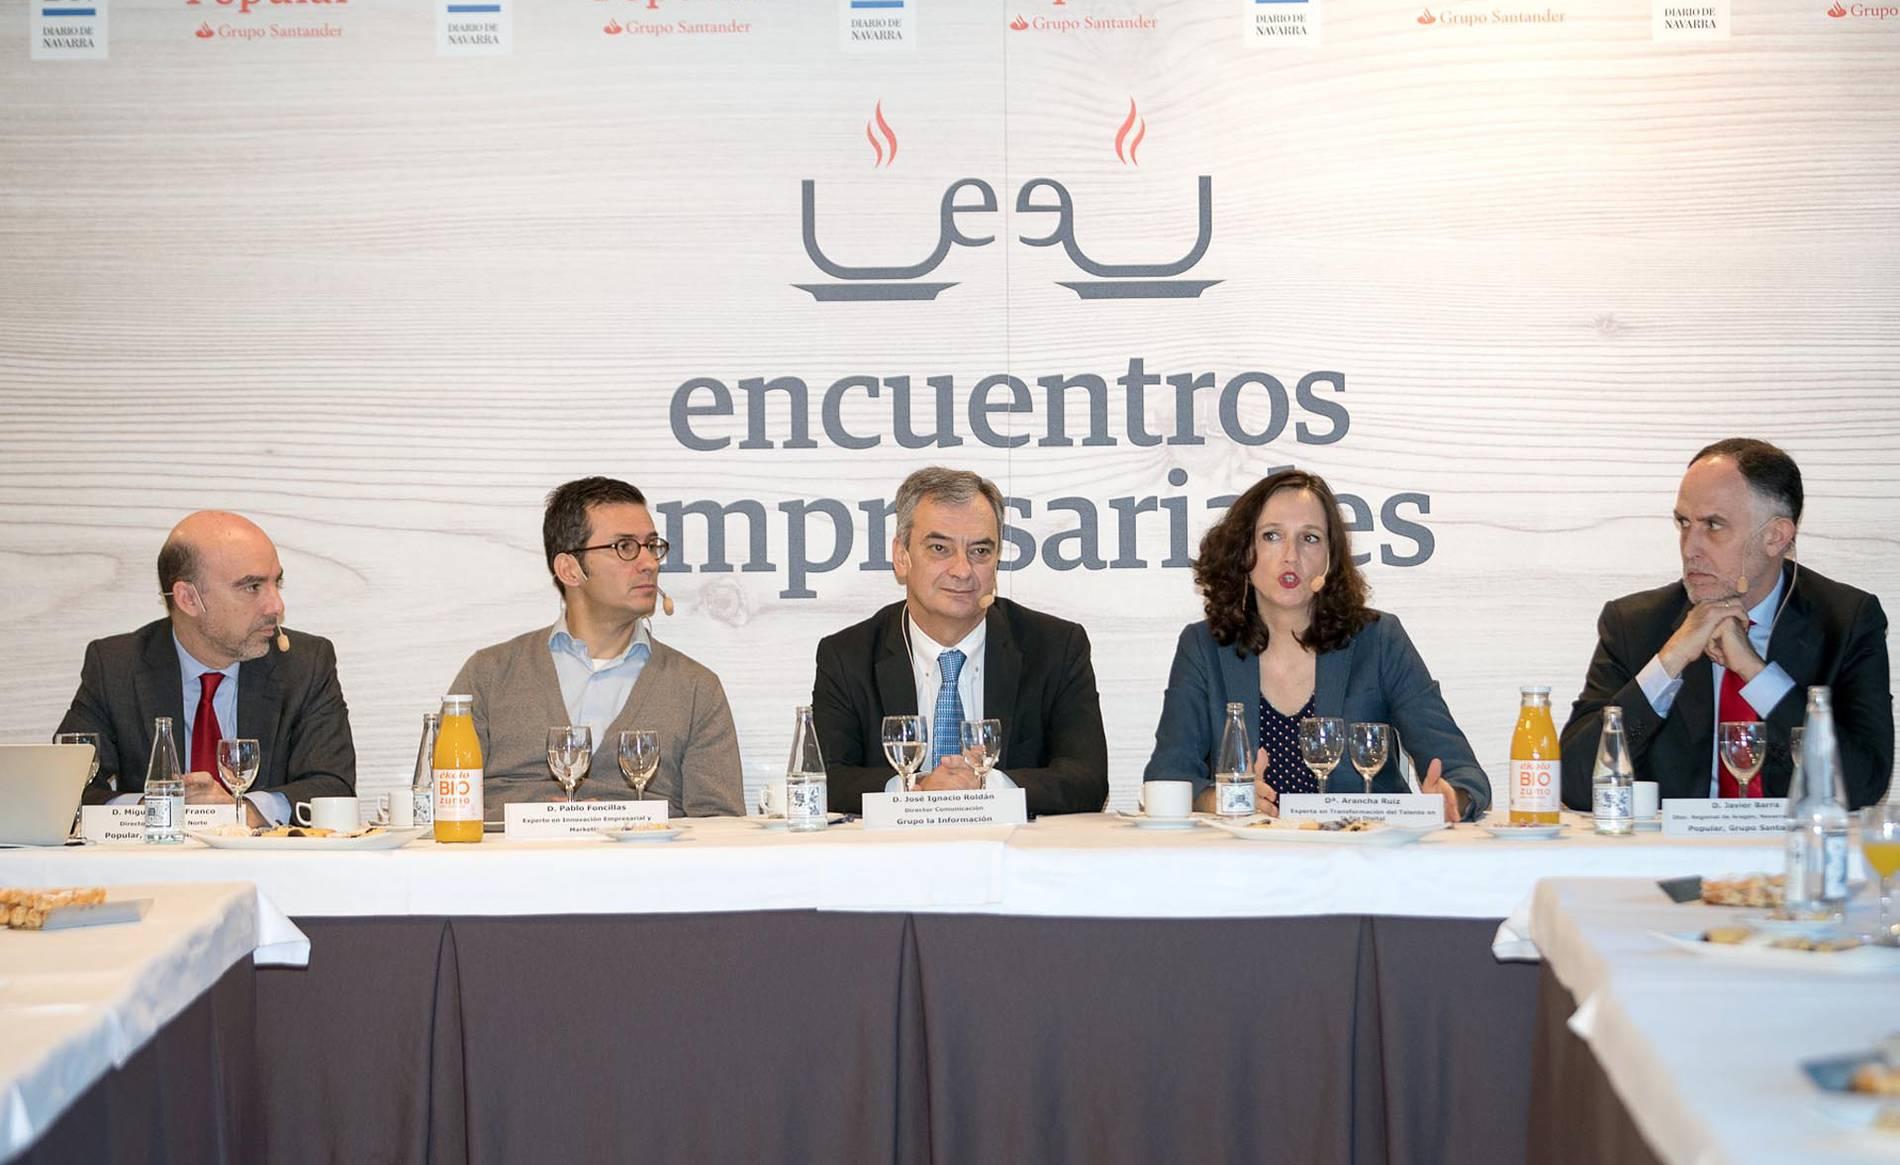 Encuentro empresarial Popular-DN 1 (1/18) - Varias decenas de directivos y empresarios asistieron a la jornada organizada por Popular y Diario de Navarra - DN Management -